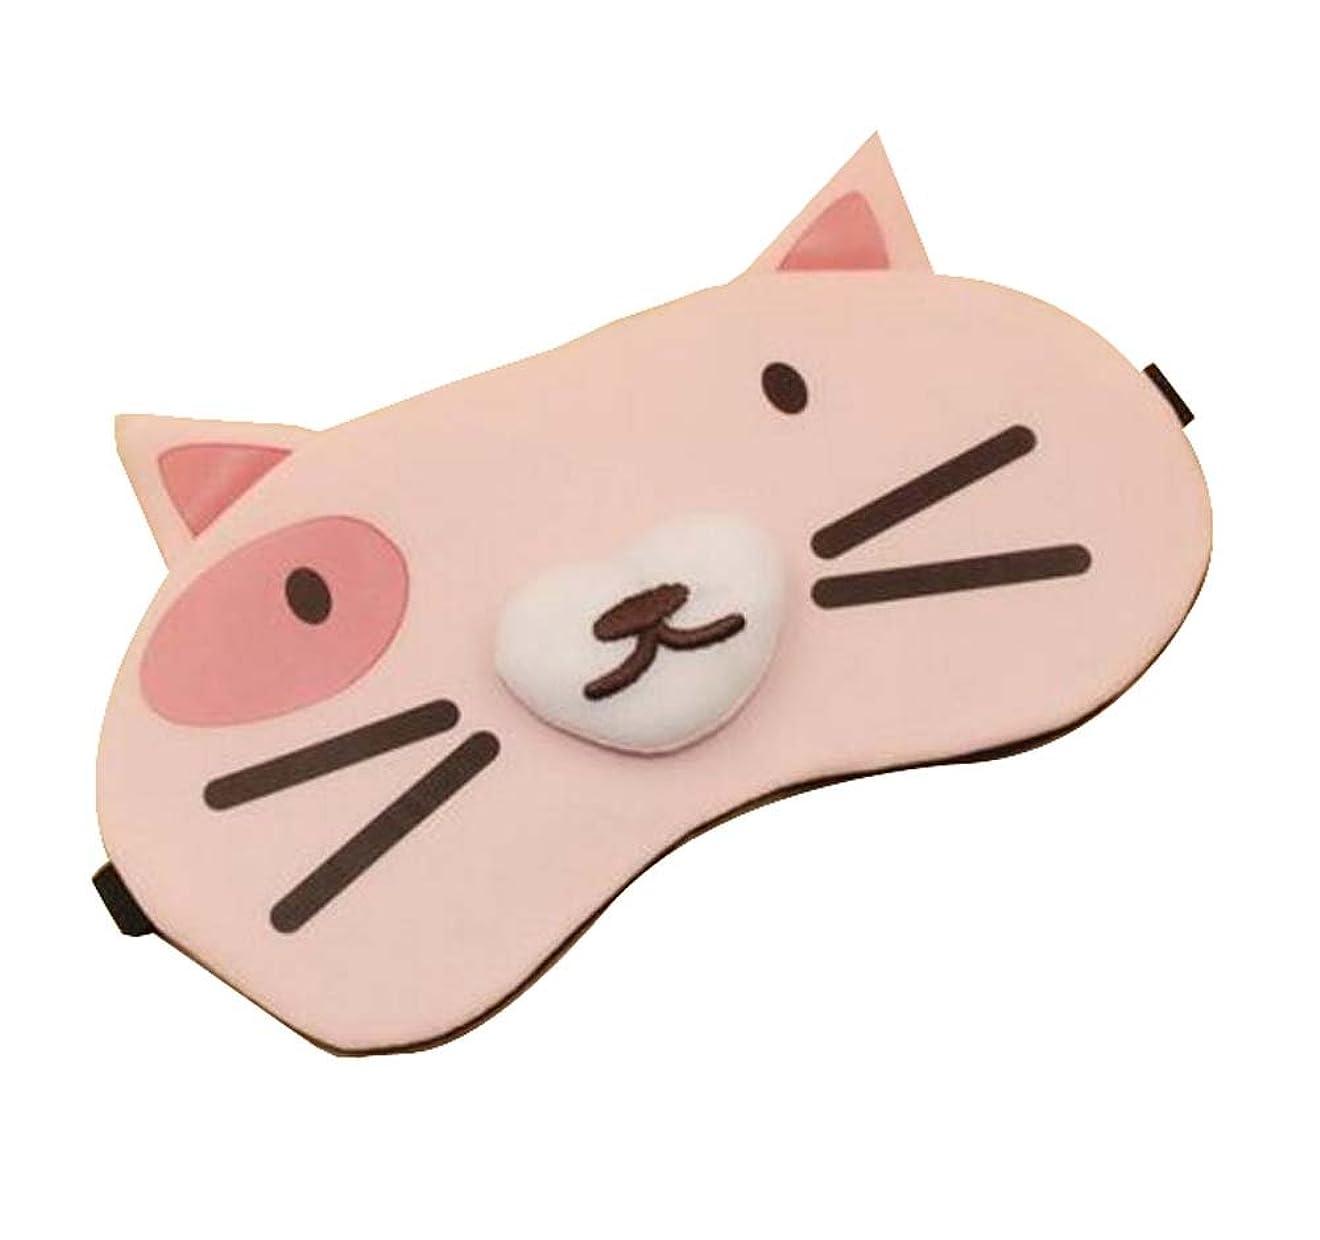 情報破滅顧問クリエイティブな漫画の形のアイマスクパーソナライズドアイシェイド、ピンクの猫